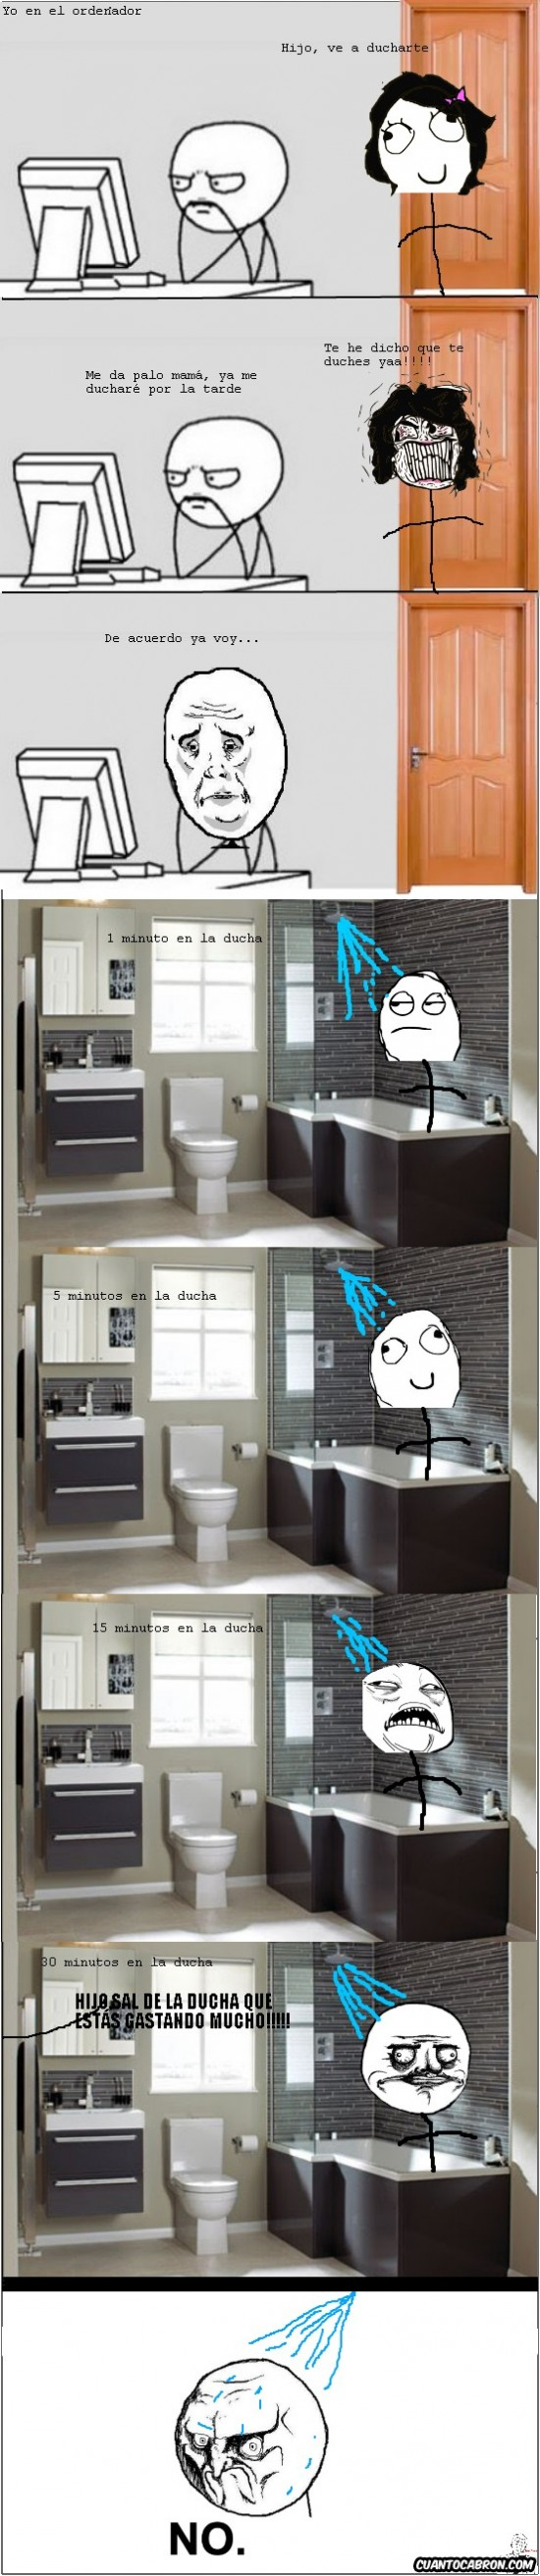 No - ¡A la ducha!